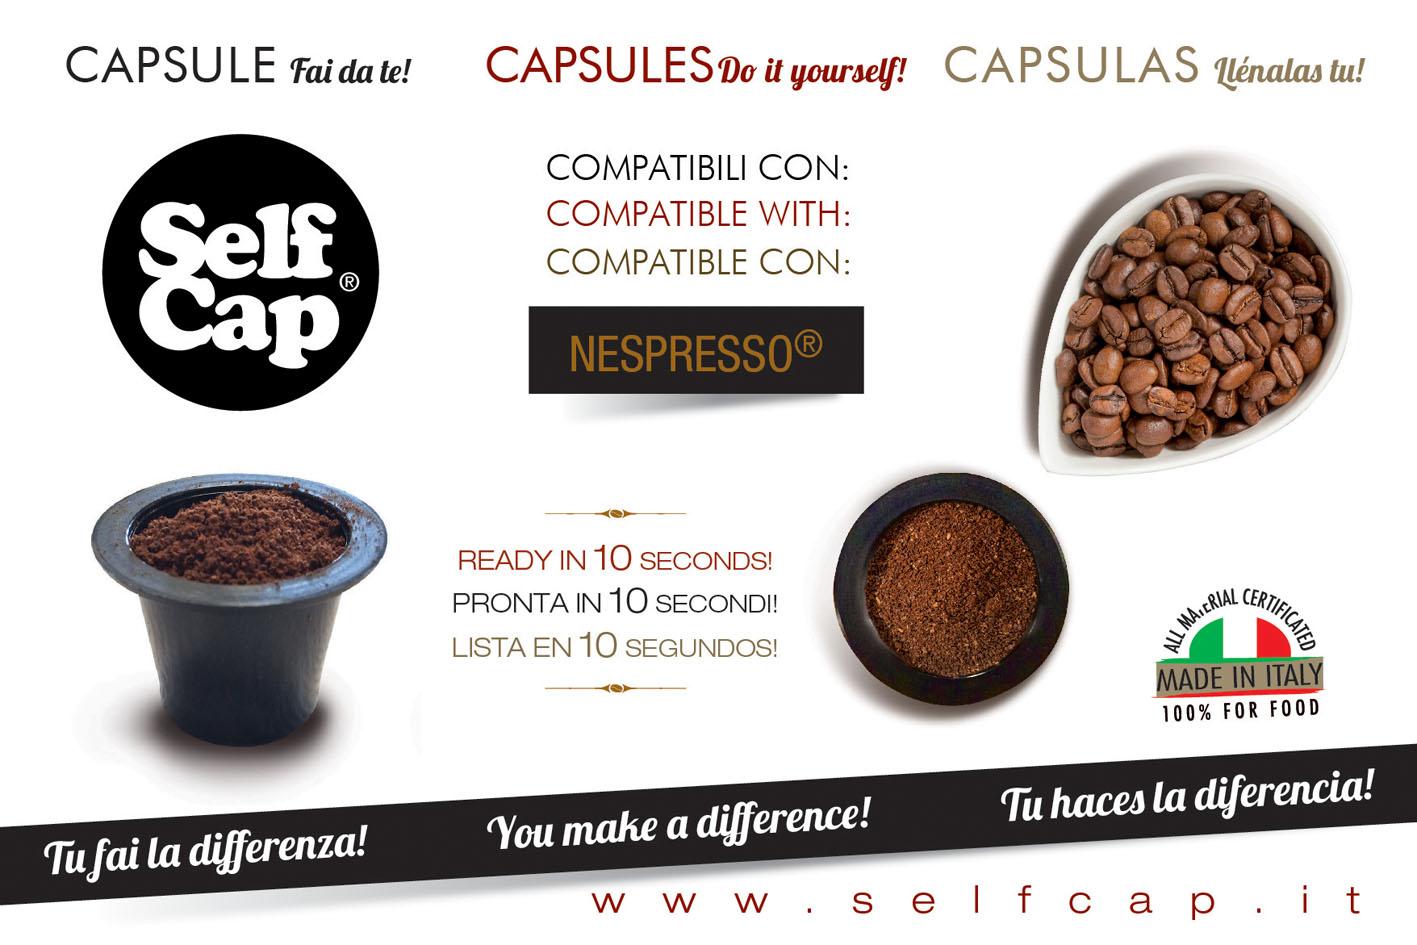 Selfcap 300 capsule fai da te caricabili per nespresso for Porta capsule fai da te